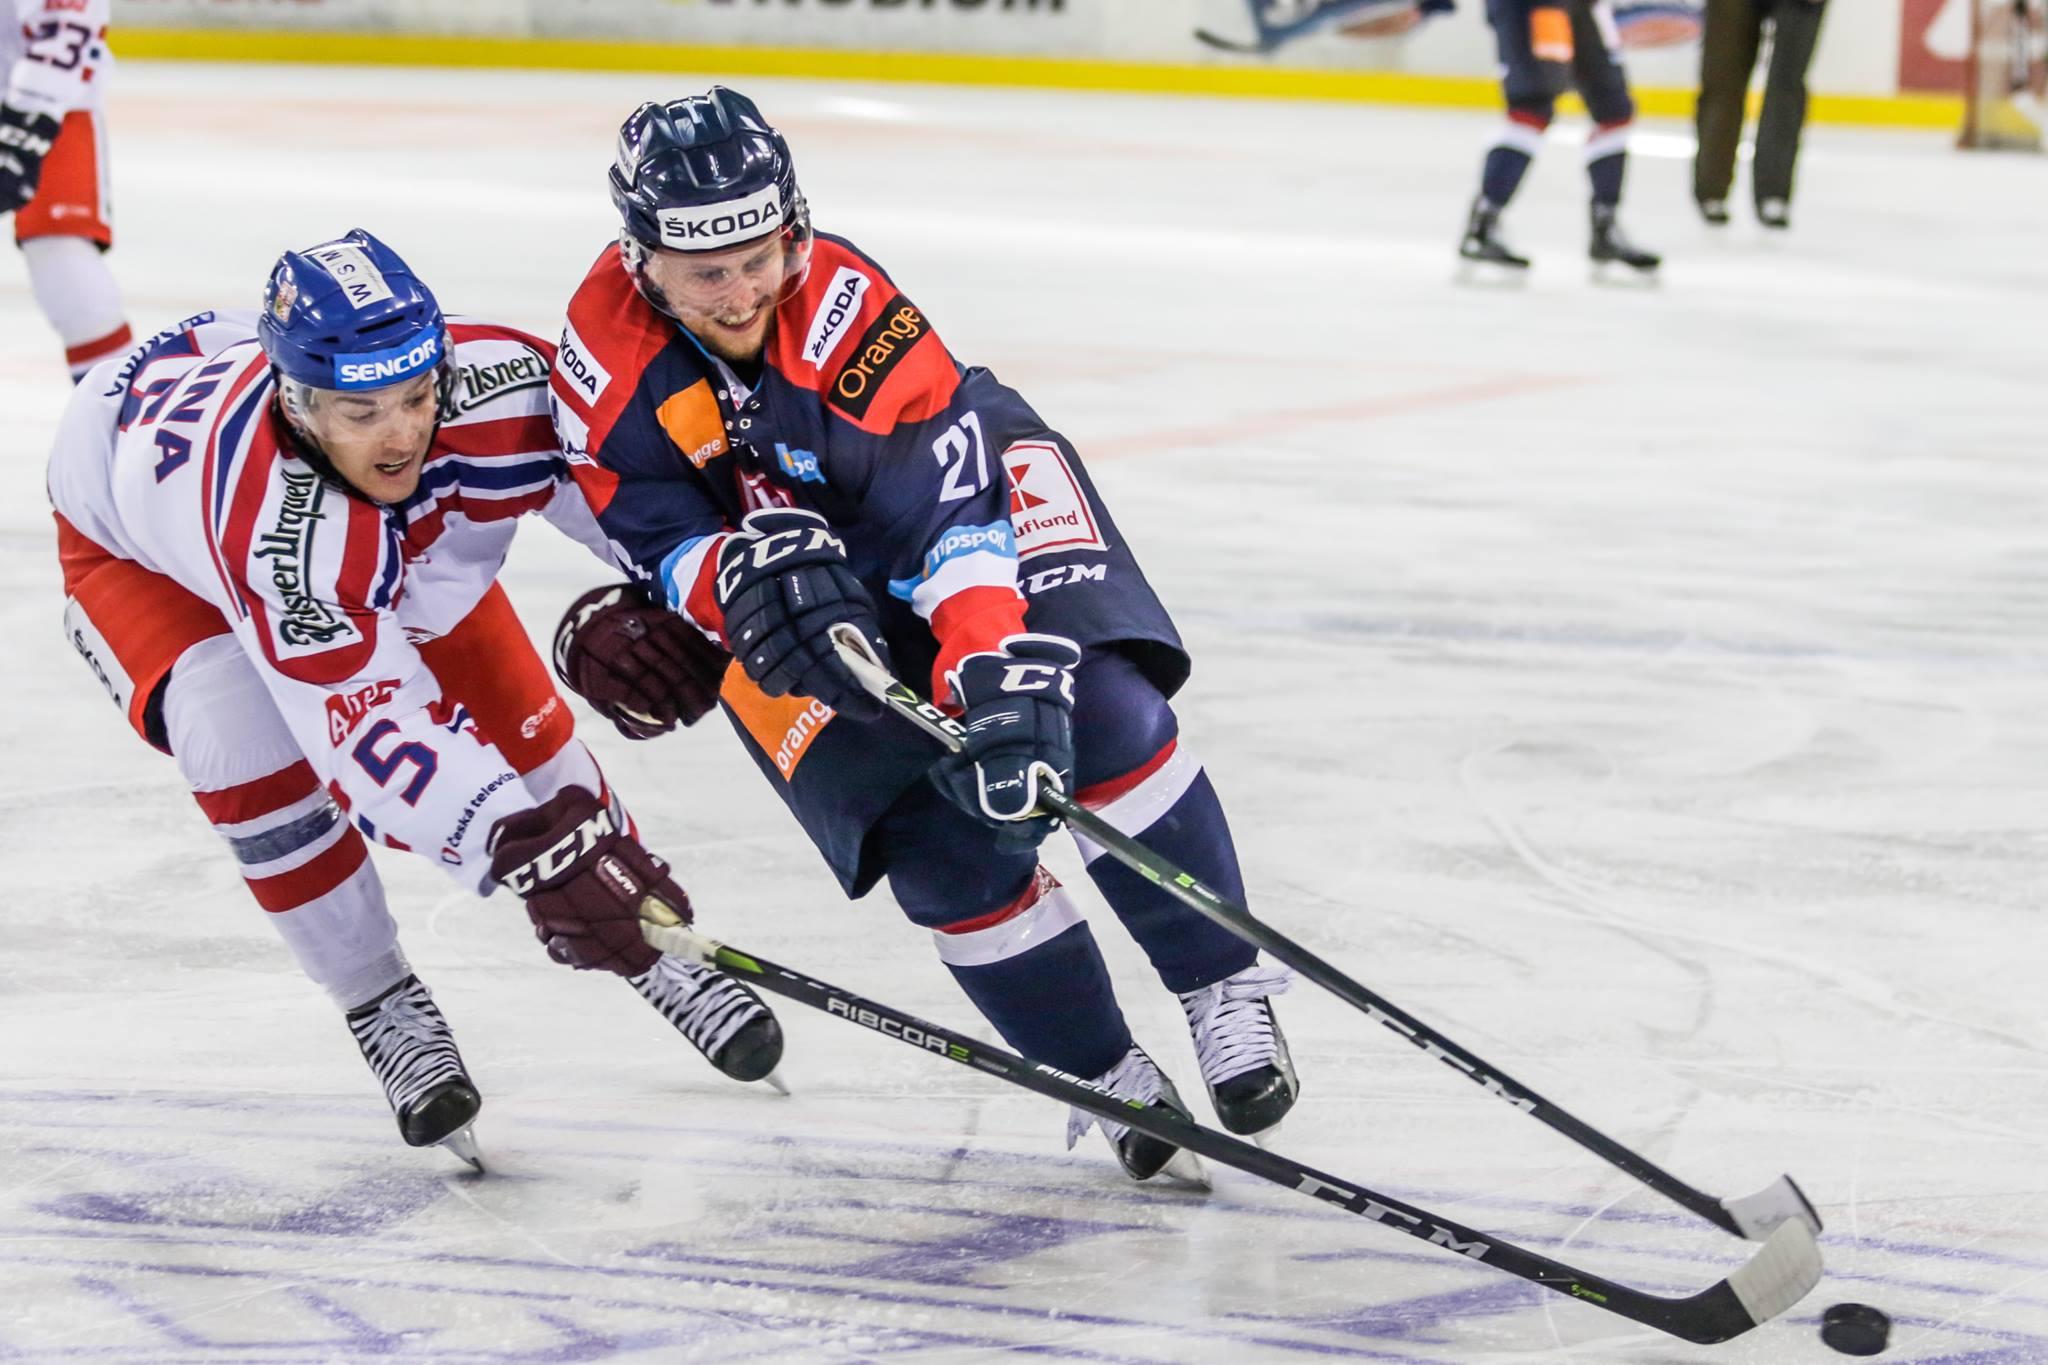 Už v piatok odohrajú slovenskí hokejisti do 20 rokov svoj prvý zápas na MSJ vČesku